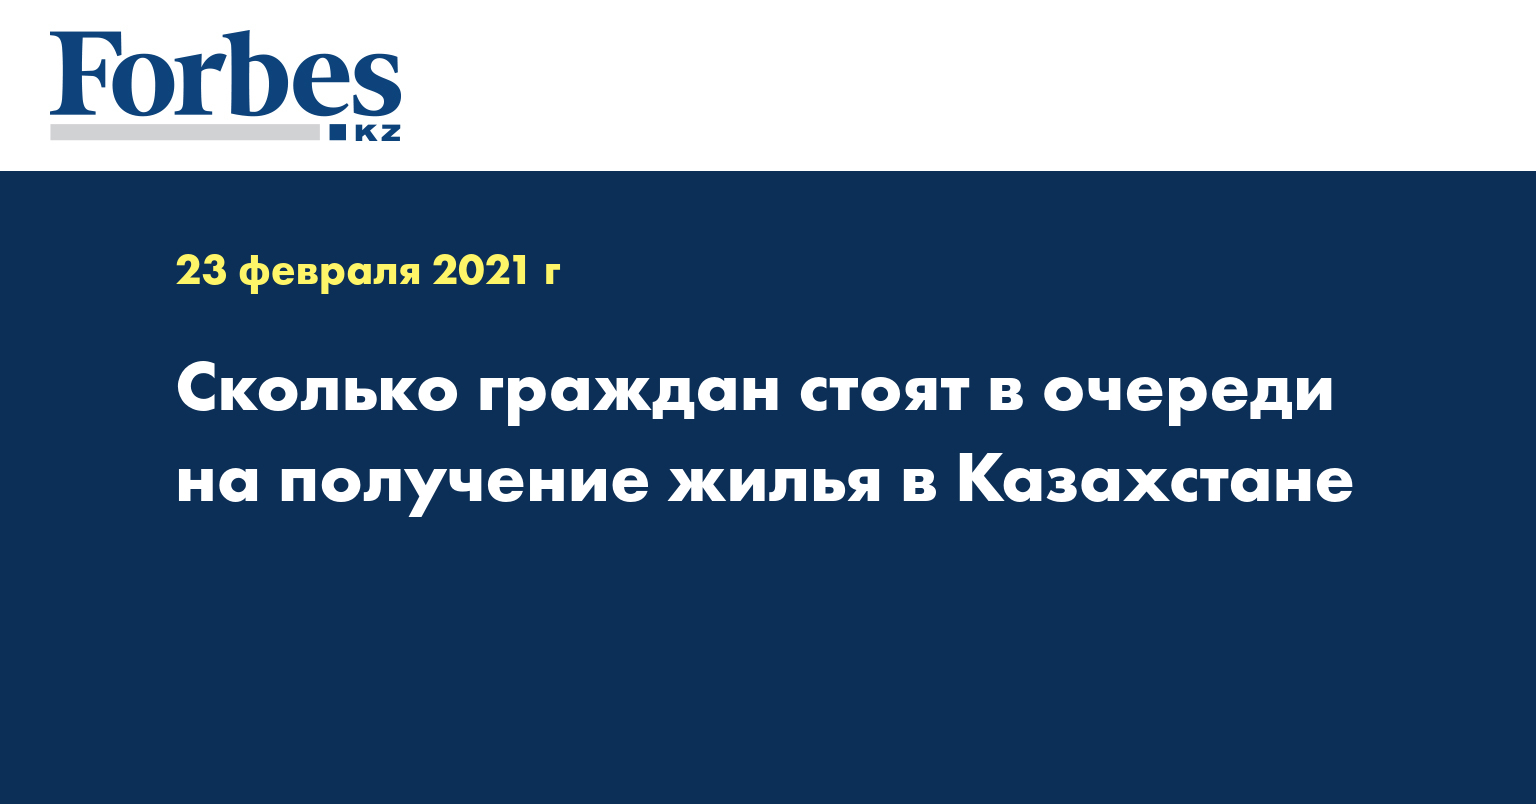 Сколько граждан стоят в очереди на получение жилья в Казахстане